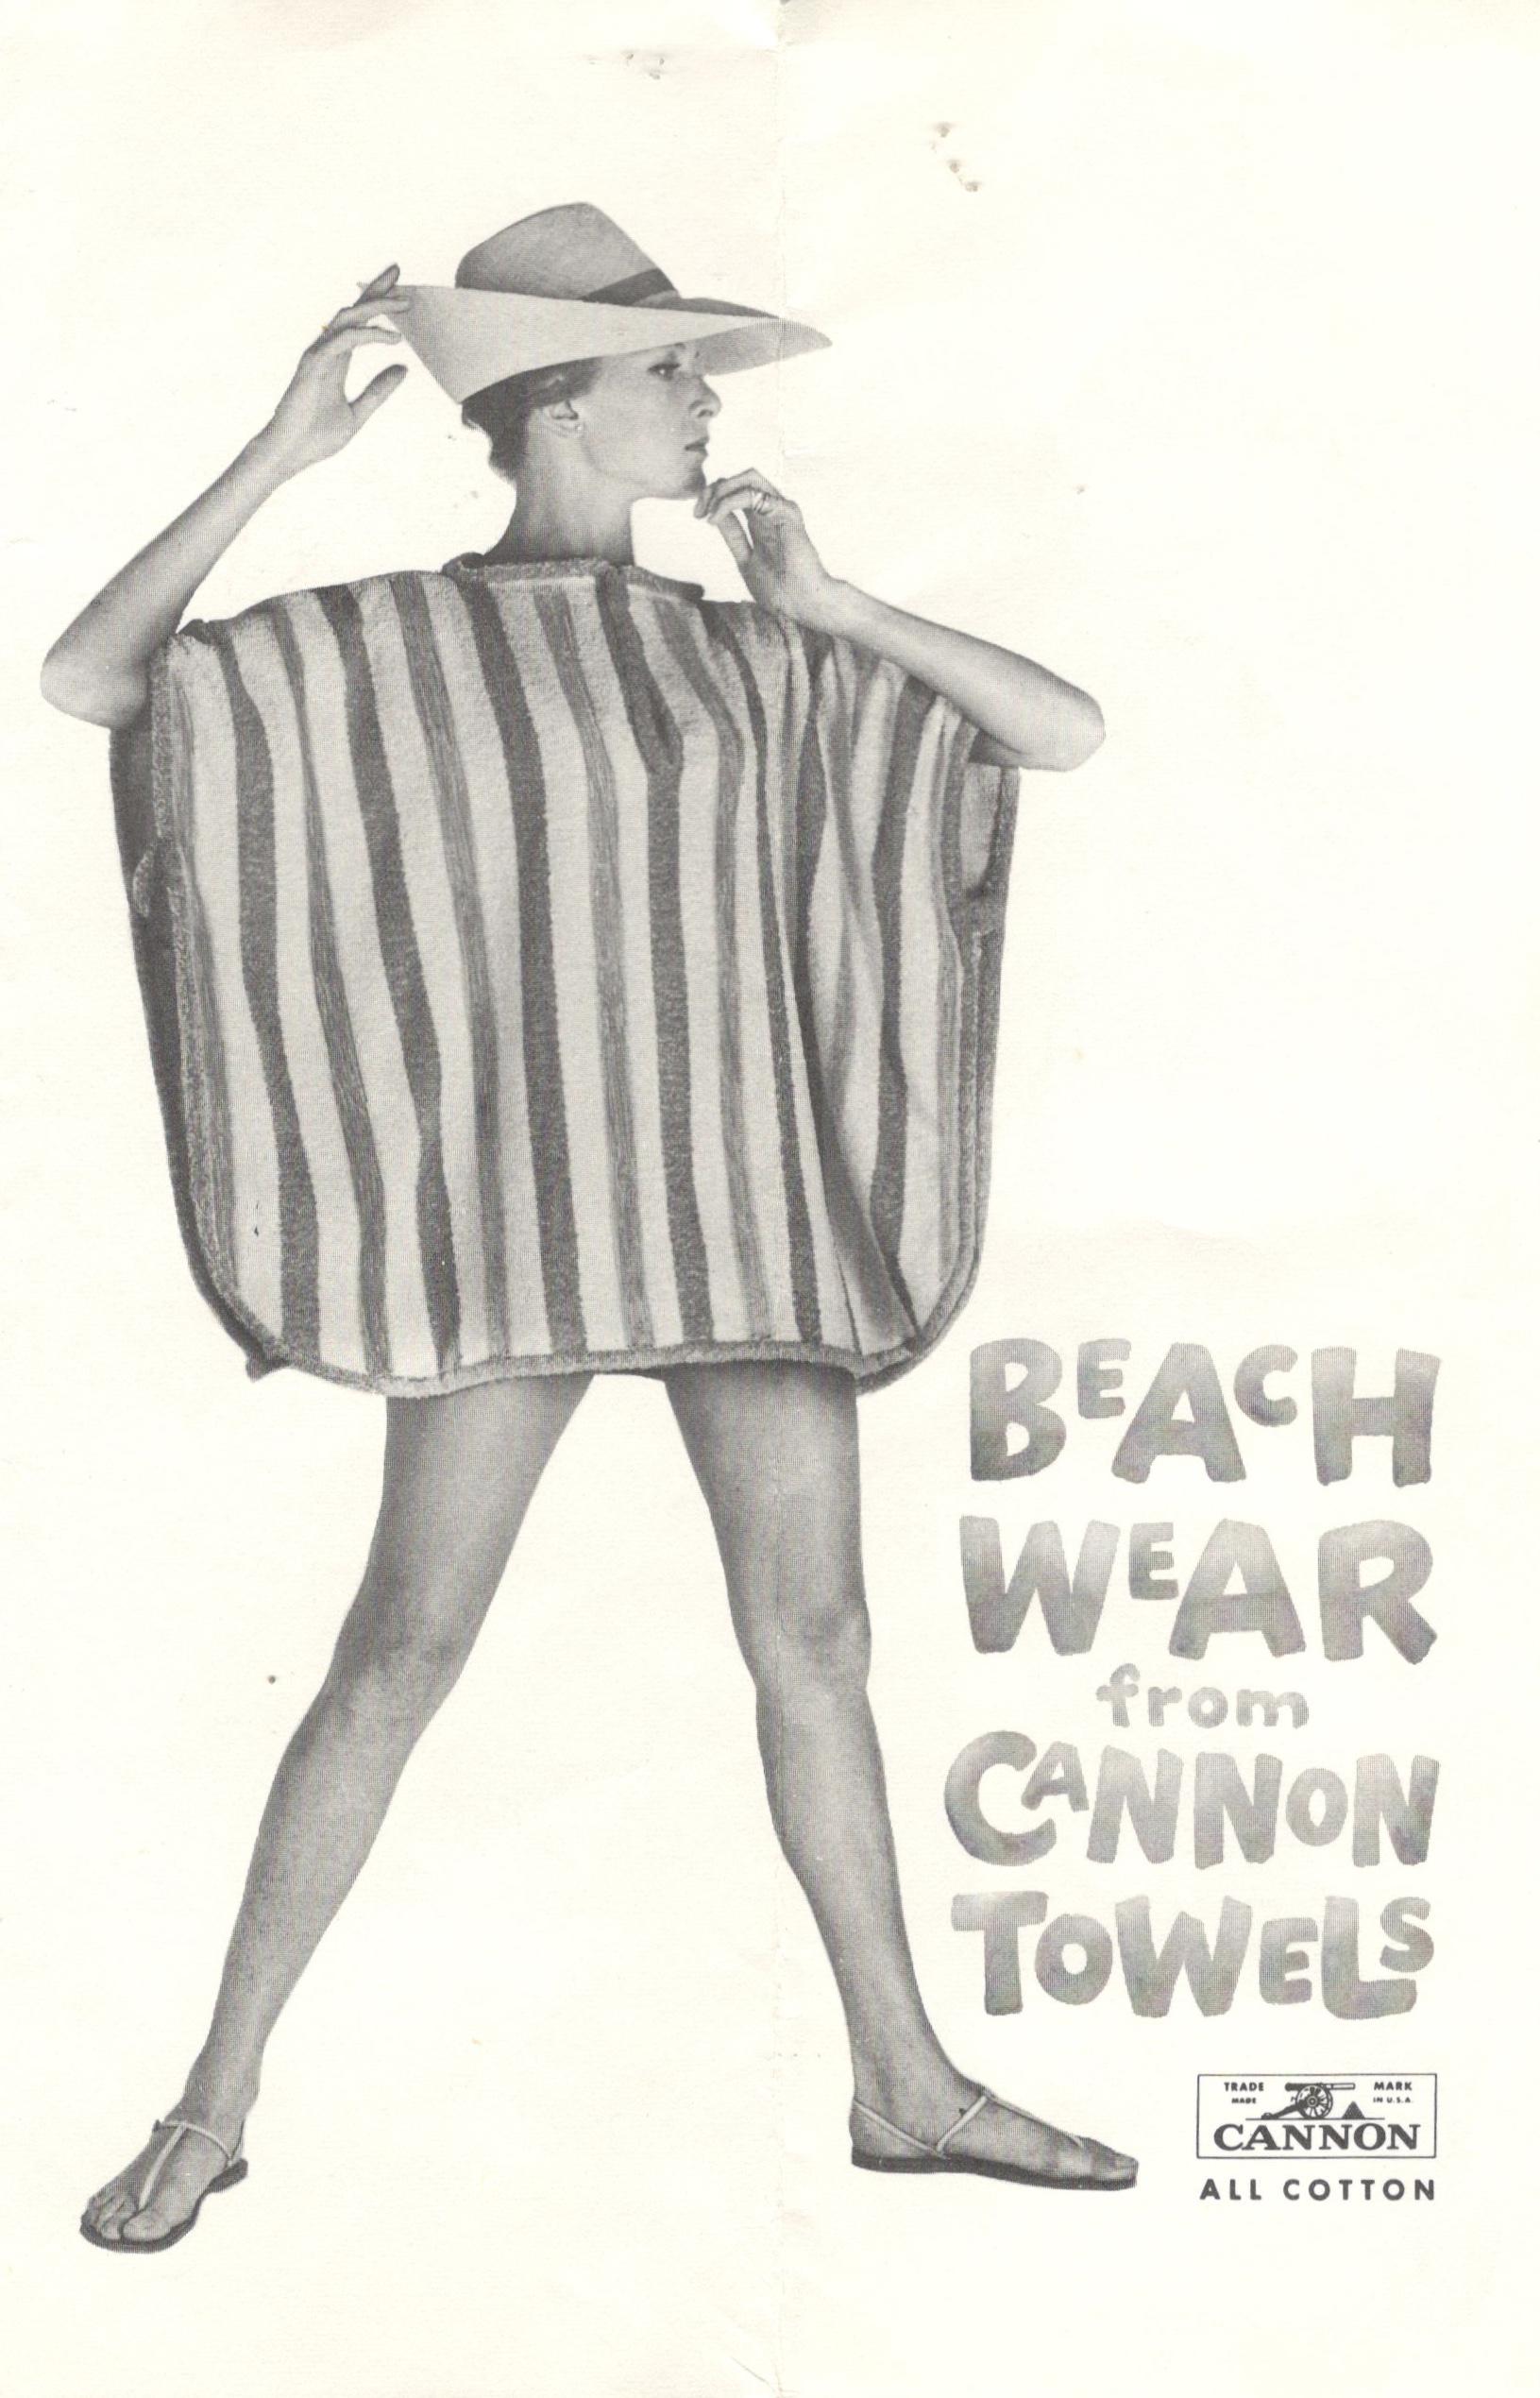 Cannon Mills - Beach Wear